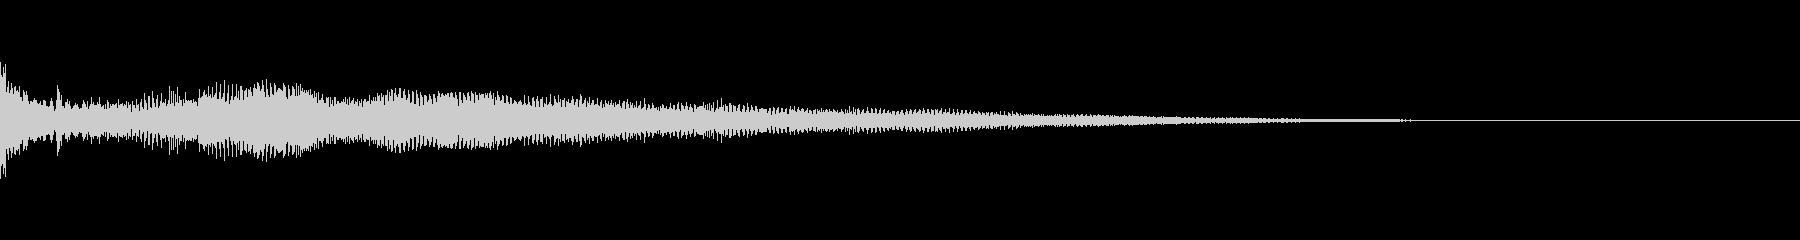 カジノ コインを選択した音、置いた時の音の未再生の波形